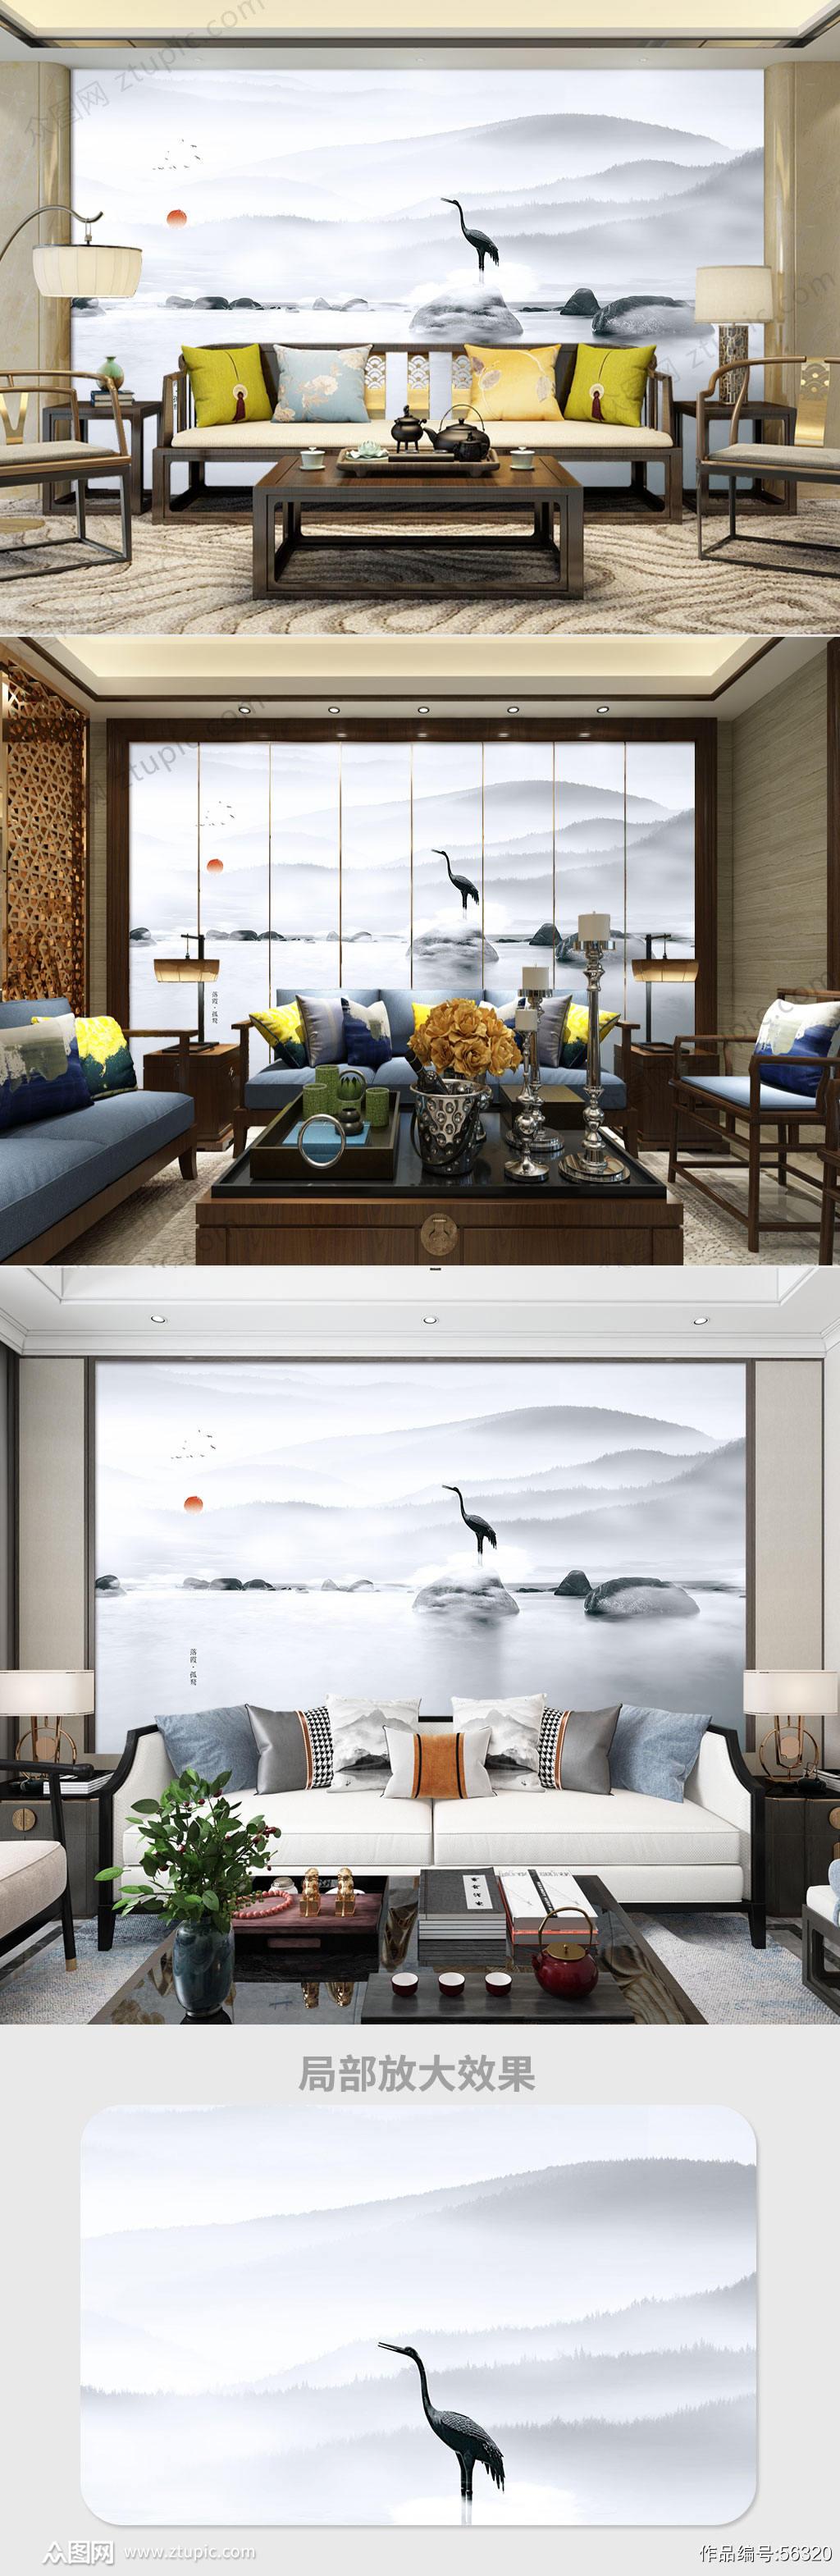 意境水墨山水电视背景墙素材